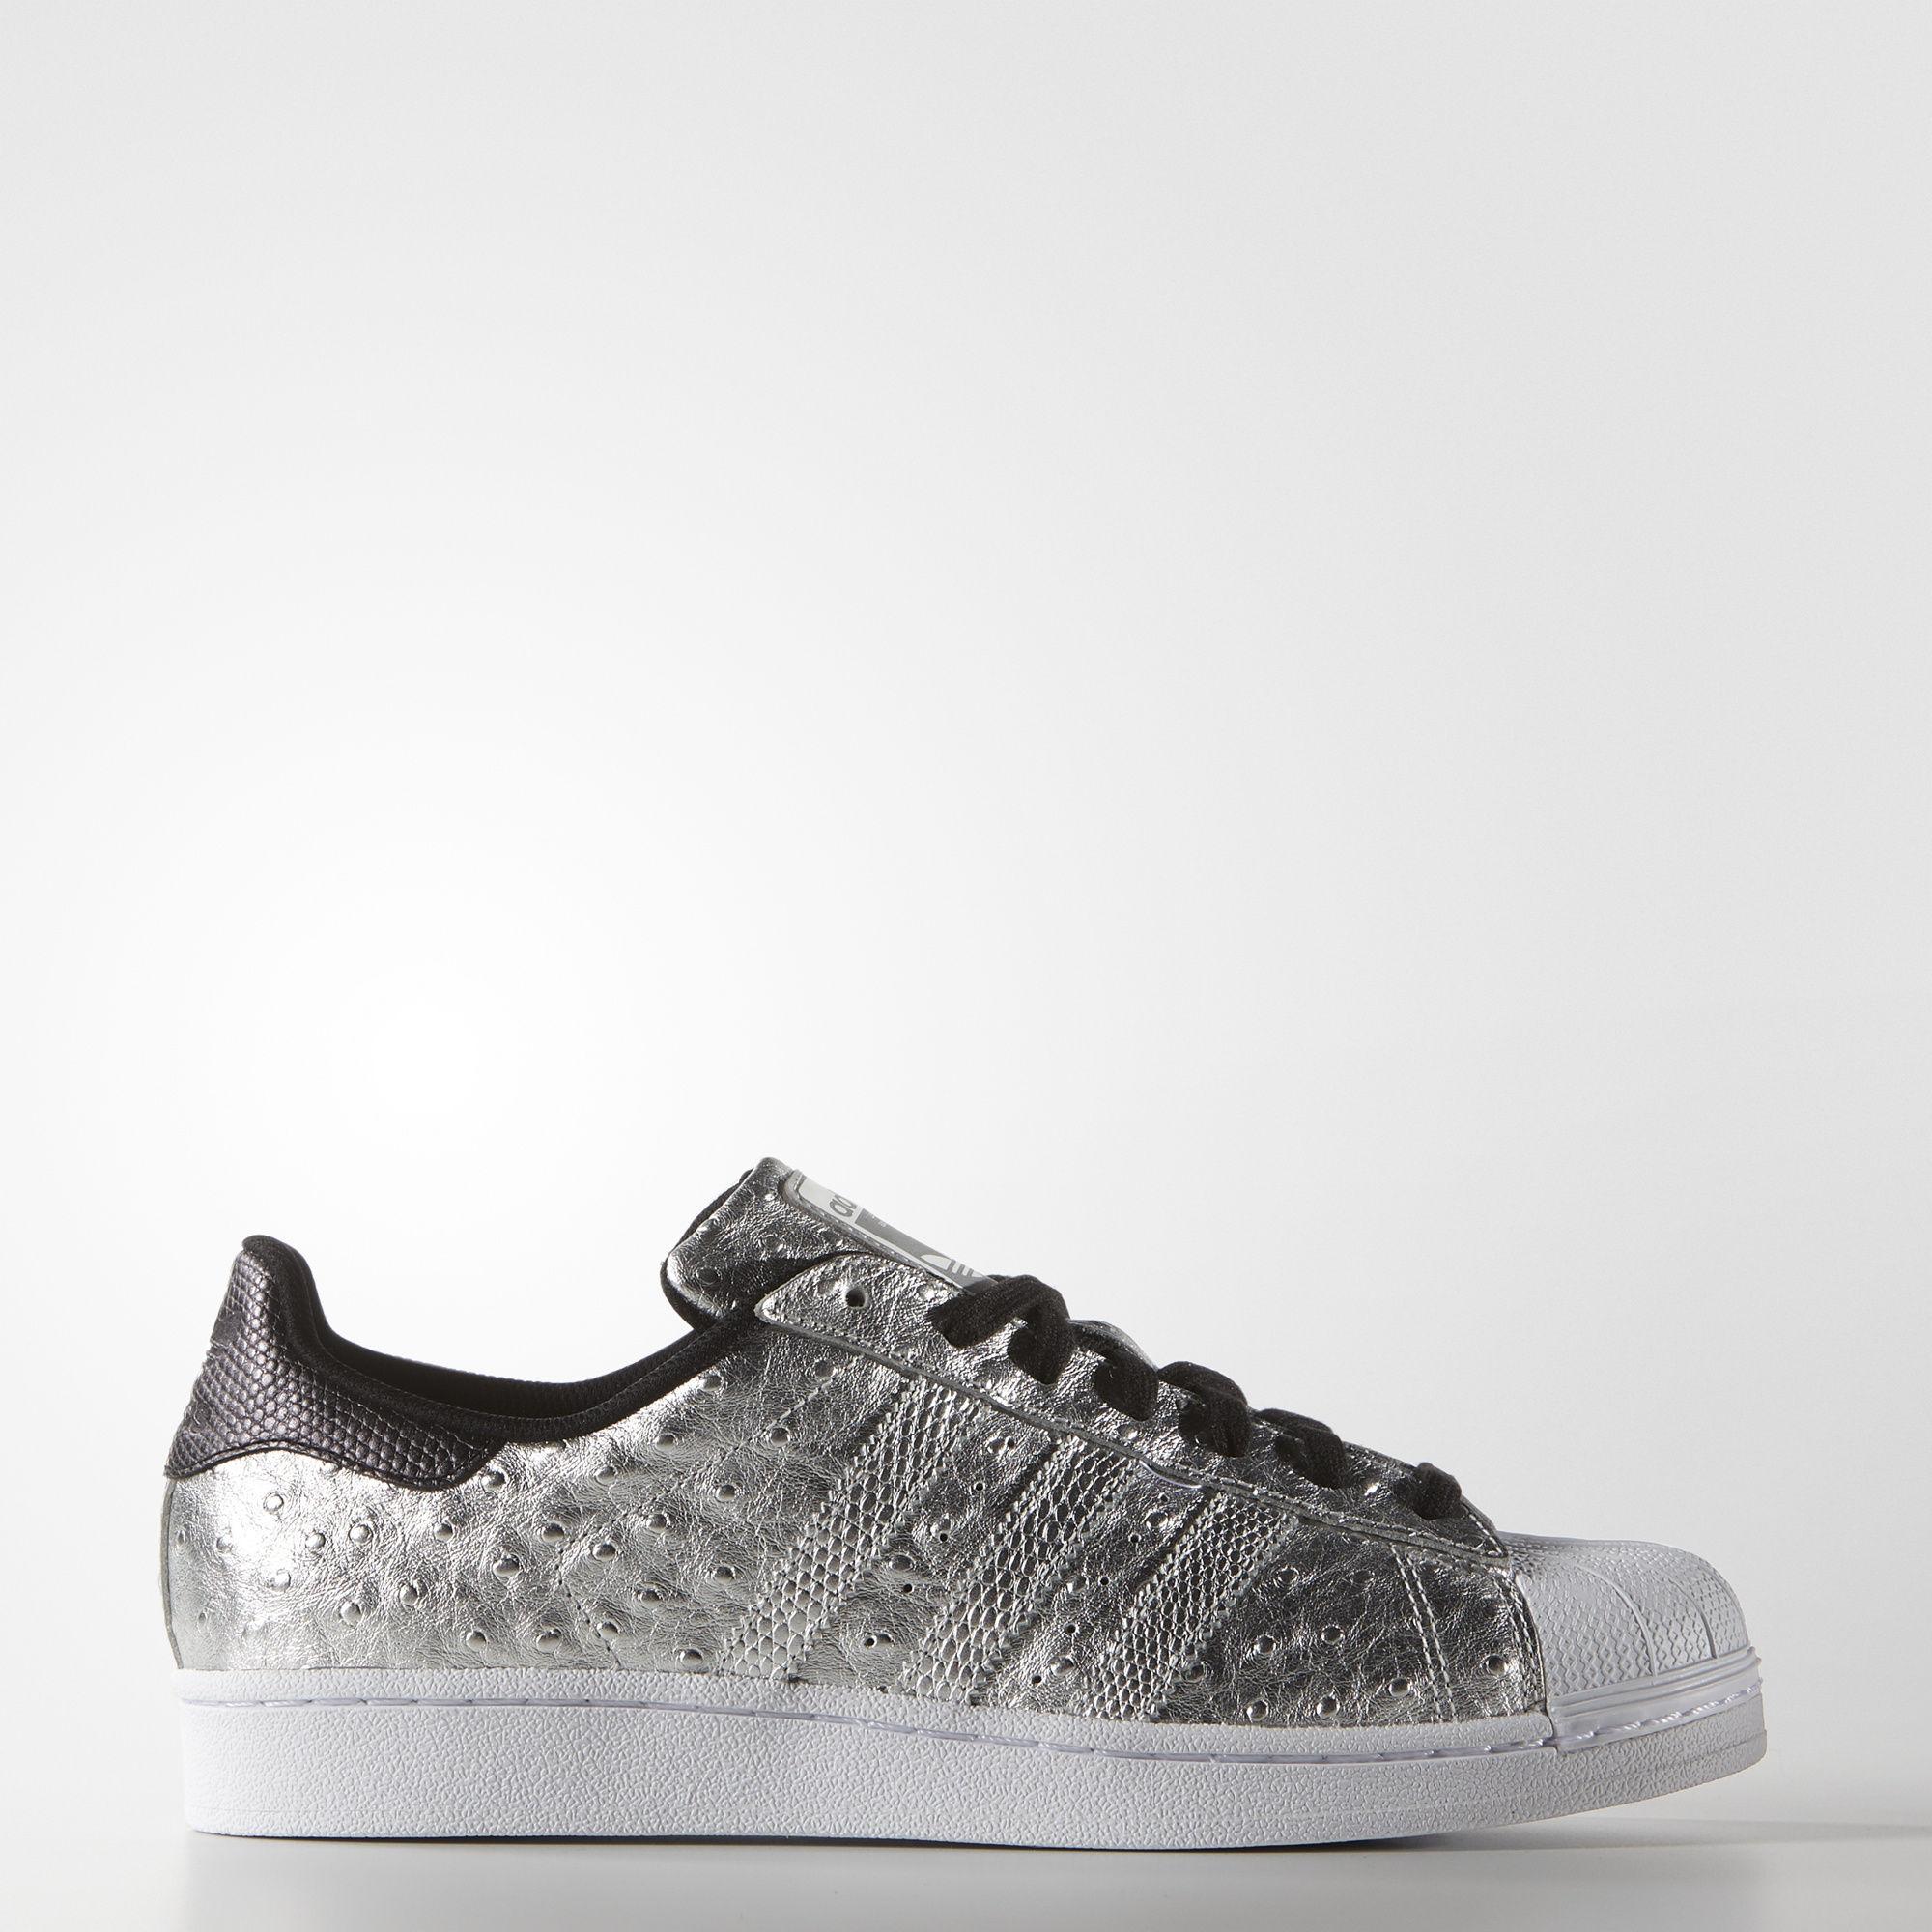 adidas uomini samoa scarpe (bianco), 3stripes pantaloni piu '+ 15,